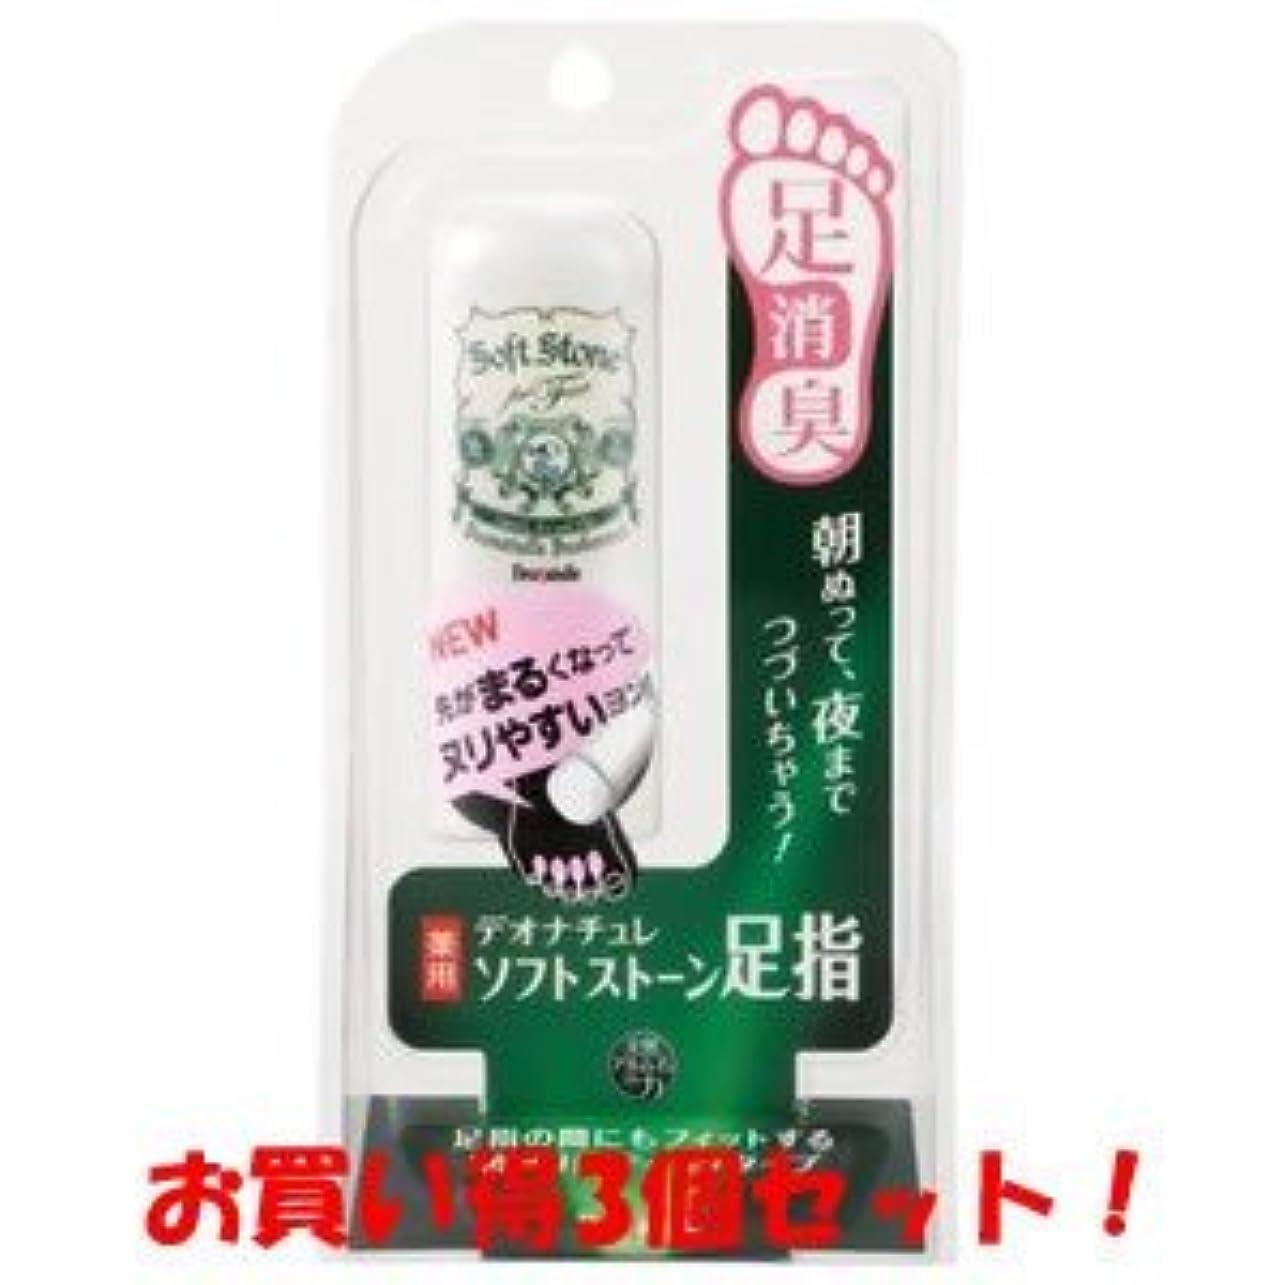 シャンパン満員柔らかさデオナチュレ ソフトストーン足指 7g(医薬部外品)(お買い得3個セット)